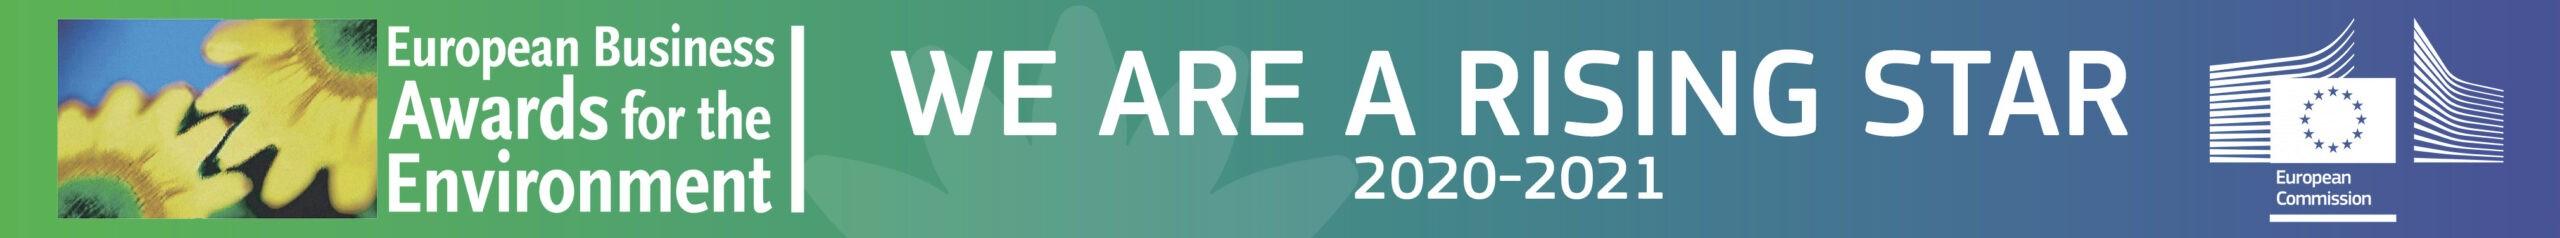 Banner EBAE 2020-2021 - Rising Star